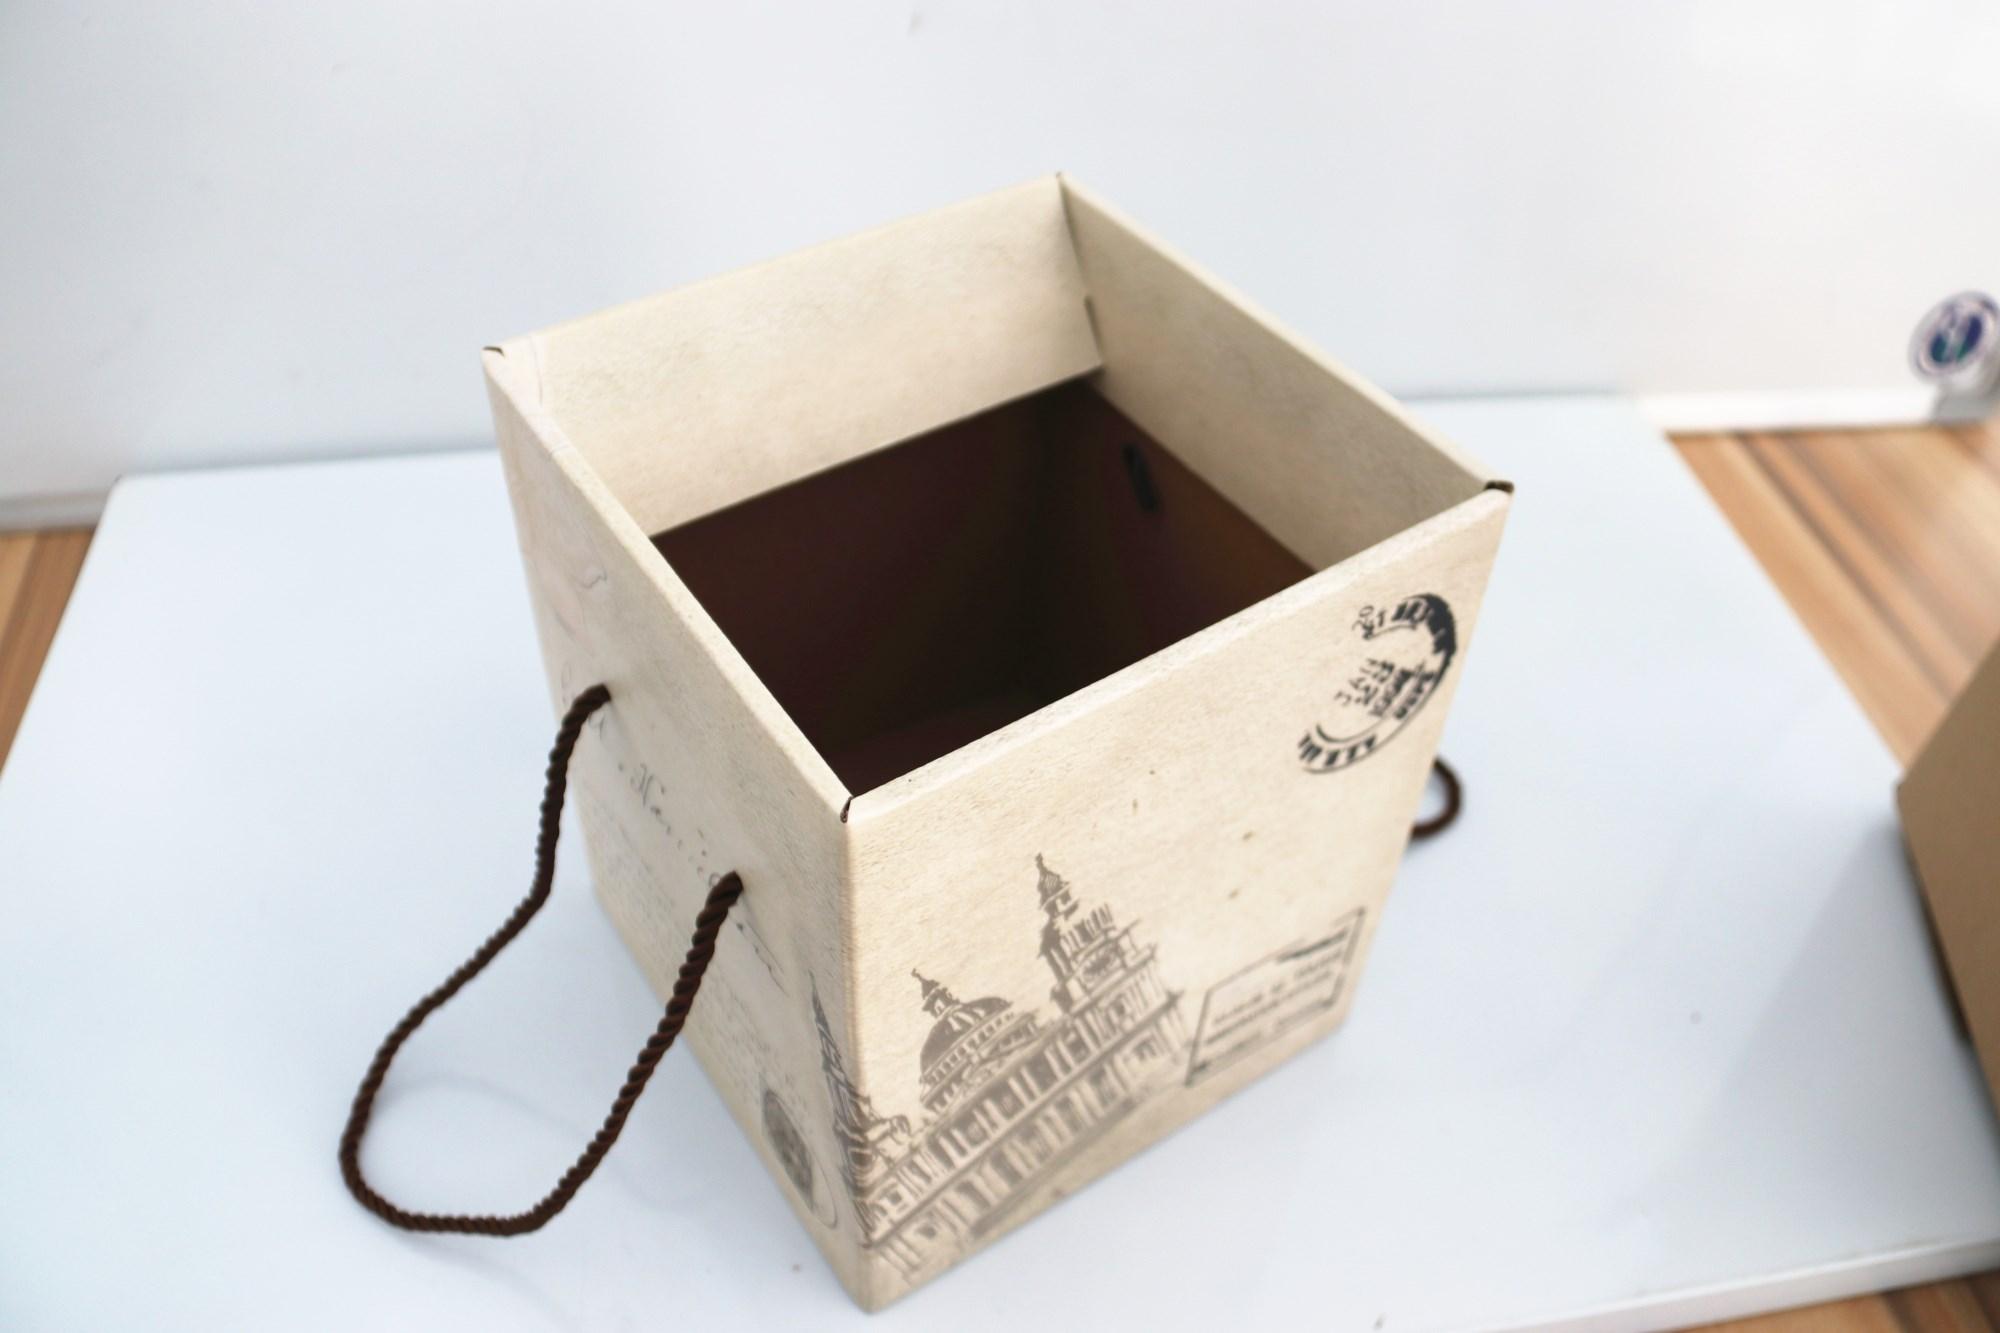 质量好服务好的纸箱批发「云南省郑州罗航」专业经营质量卓越值得